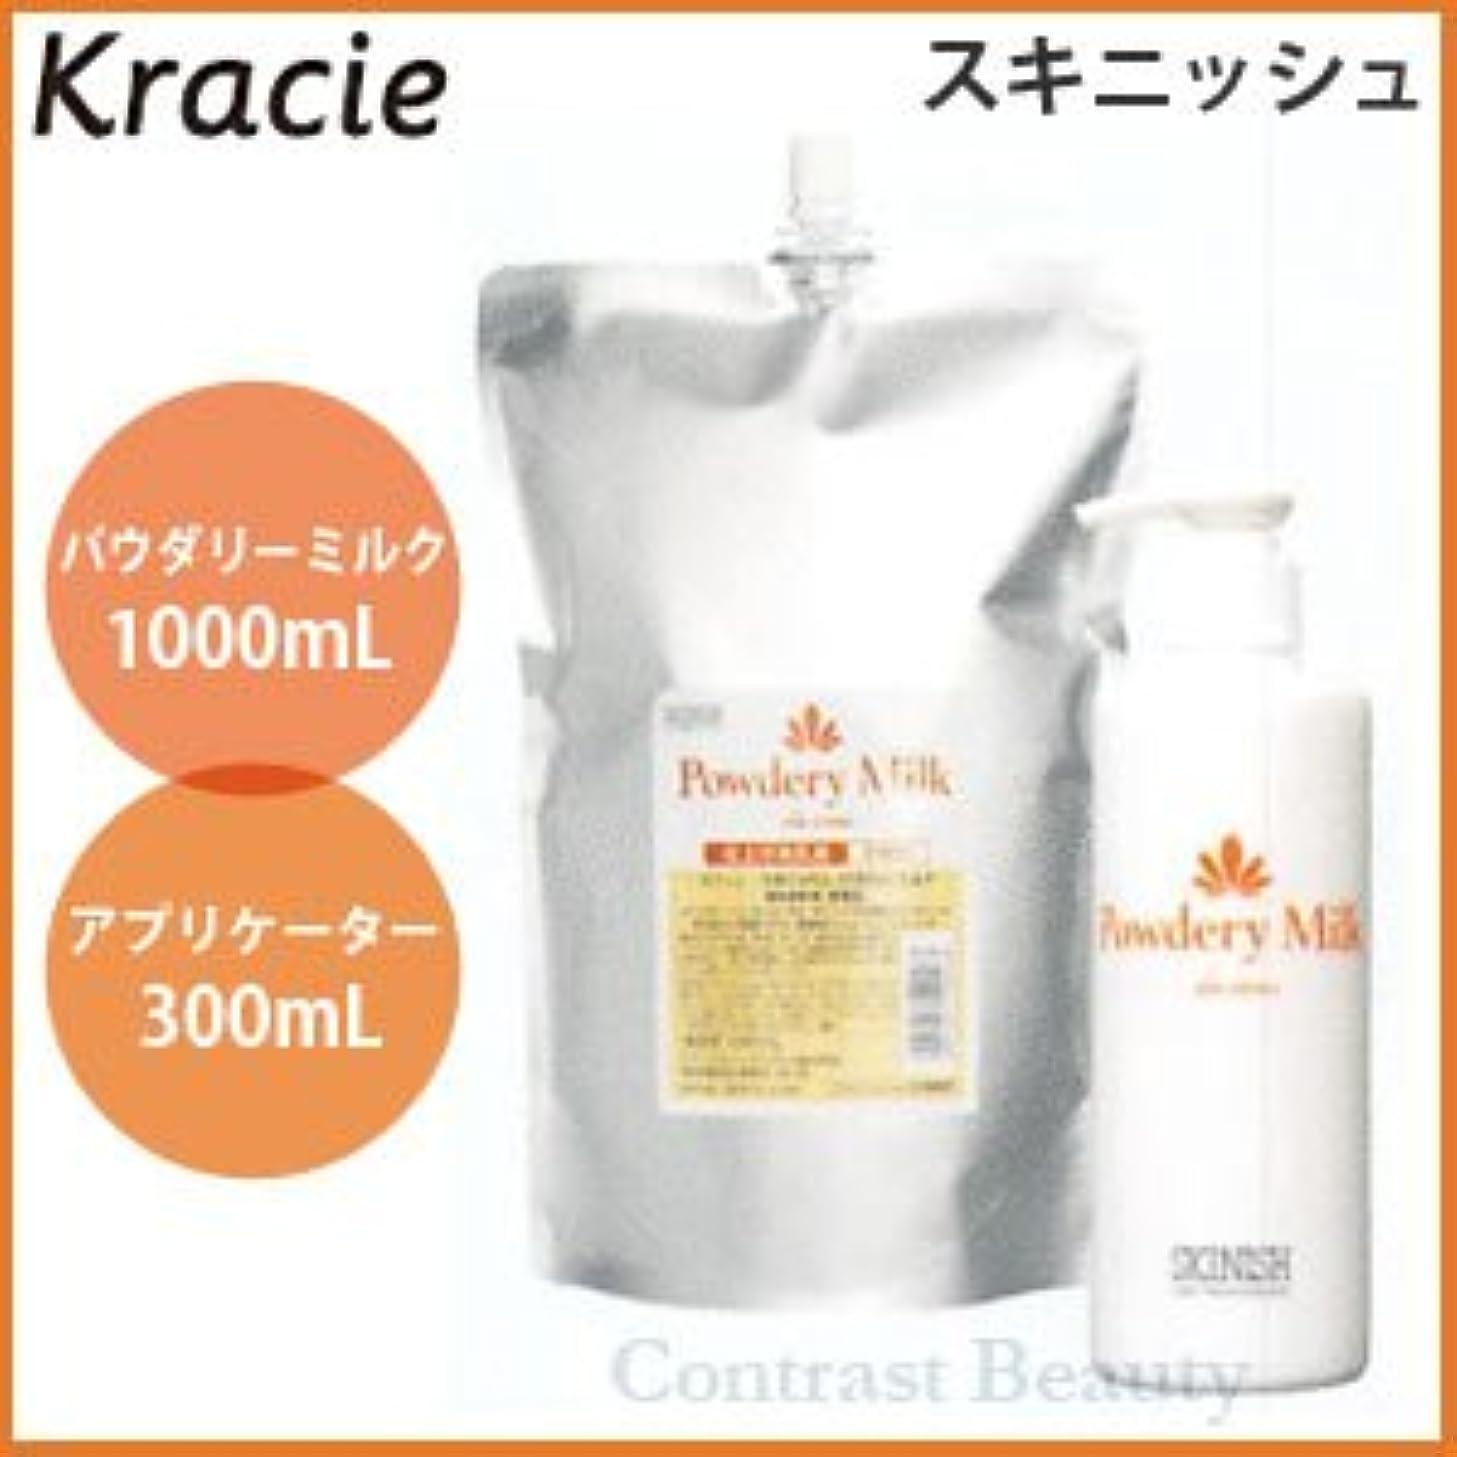 気づかないポンププランテーションクラシエ スキニッシュ パウダリーミルク 1000ml 詰替え用 & アプリケーター 300ml